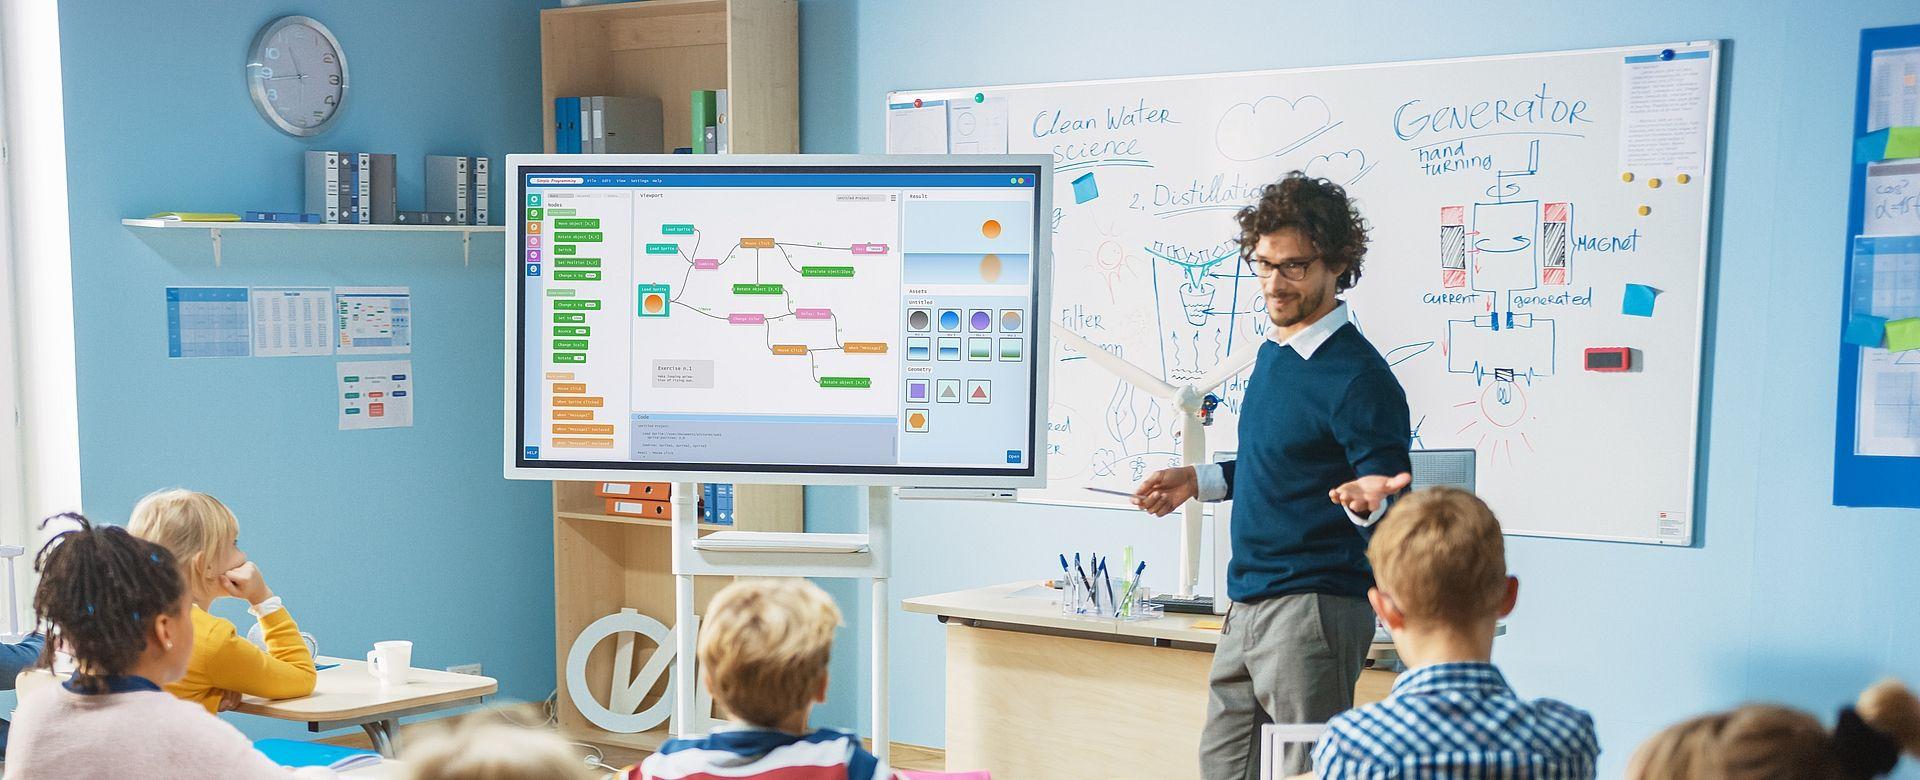 Hauptuhren, Analog- und Digitaluhren für Schulen, Universitäten und Bildungsstätten Eine genaue Zeitsynchronisation und zuverlässige Zeitanzeigen sind in Schulen, Universitäten, Bildungseinrichtungen sowie Sportstätten wichtig und unumgänglich.